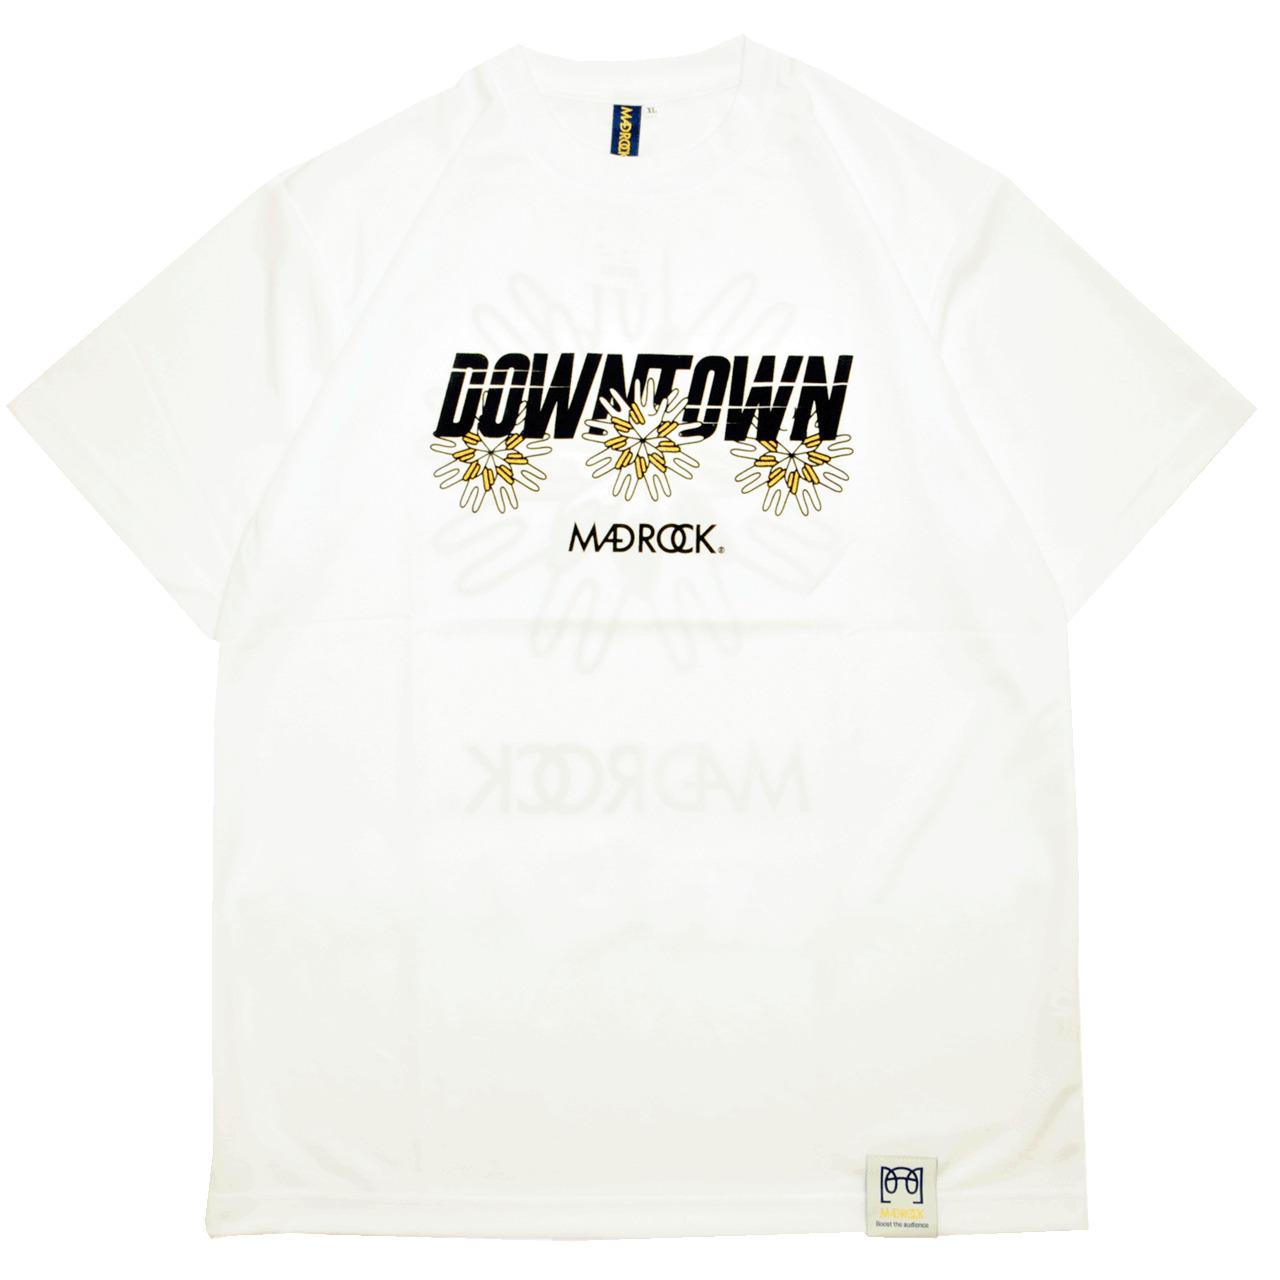 マッドロック - ダウンタウン - Tシャツ / ドライタイプ / ホワイト / MADROCK - DOWNTOWN - TEE